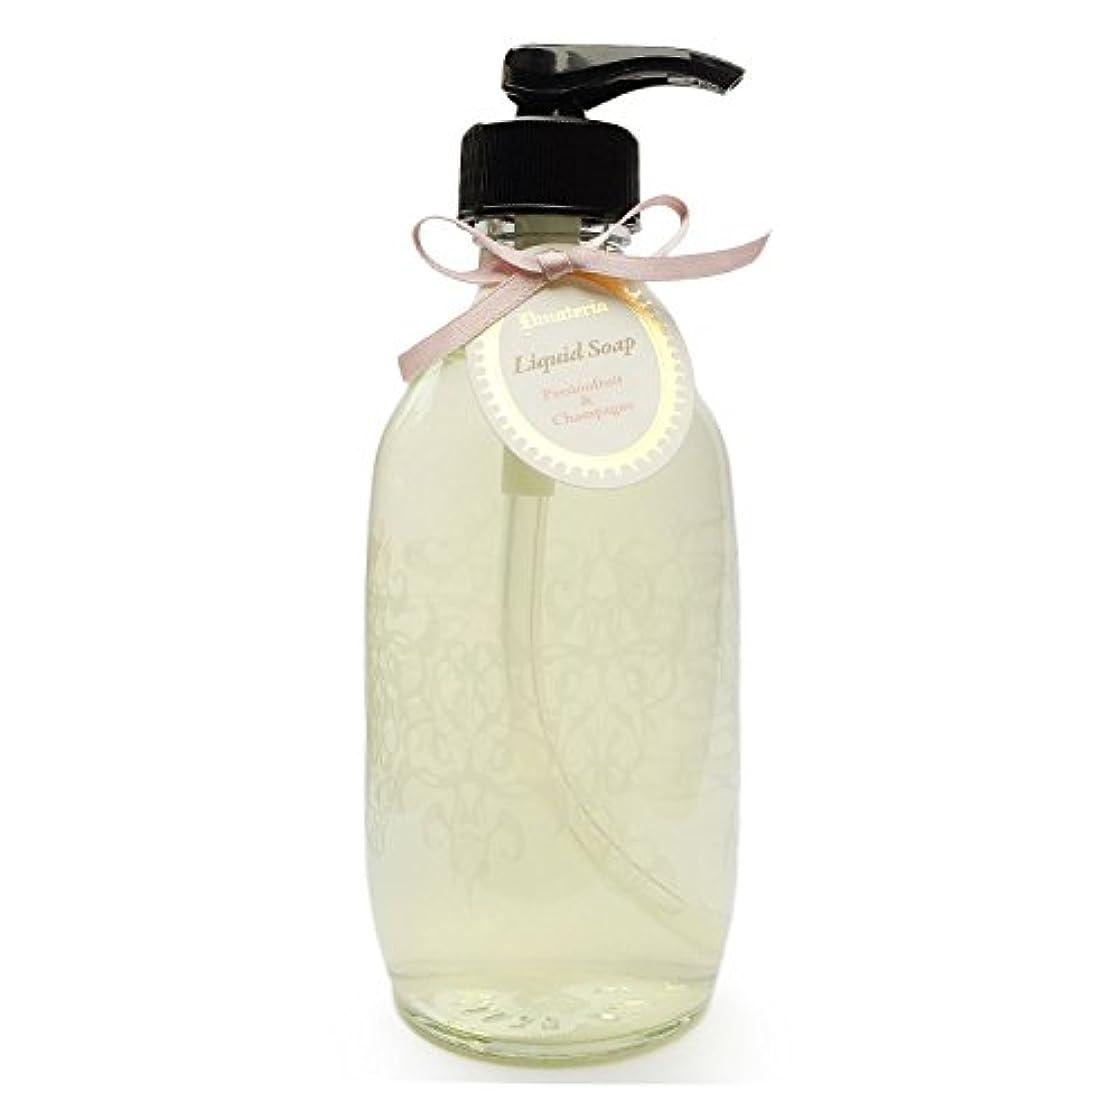 ラウンジ機動注入するD materia リキッドソープ パッションフルーツ&シャンパン Passionfruit&Champagne Liquid Soap ディーマテリア